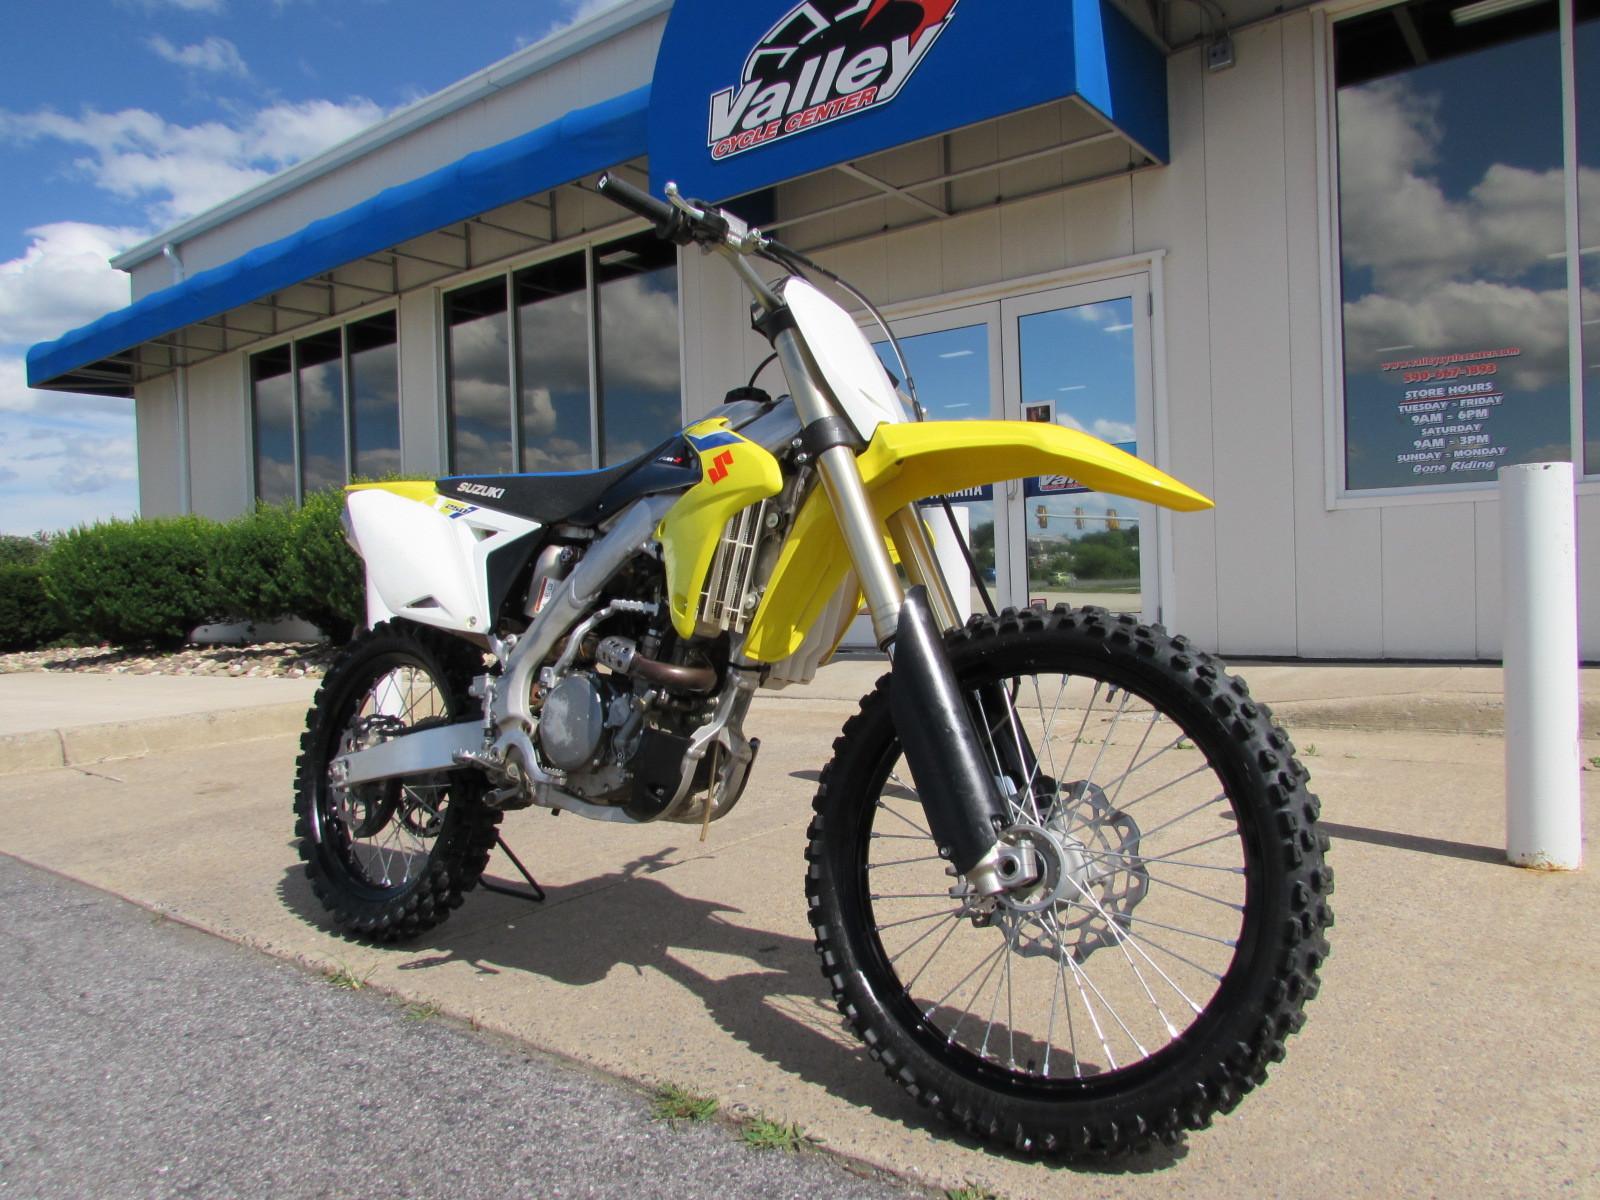 Photo Used 2018 Suzuki Dirt Bike Motorcycle  $6224